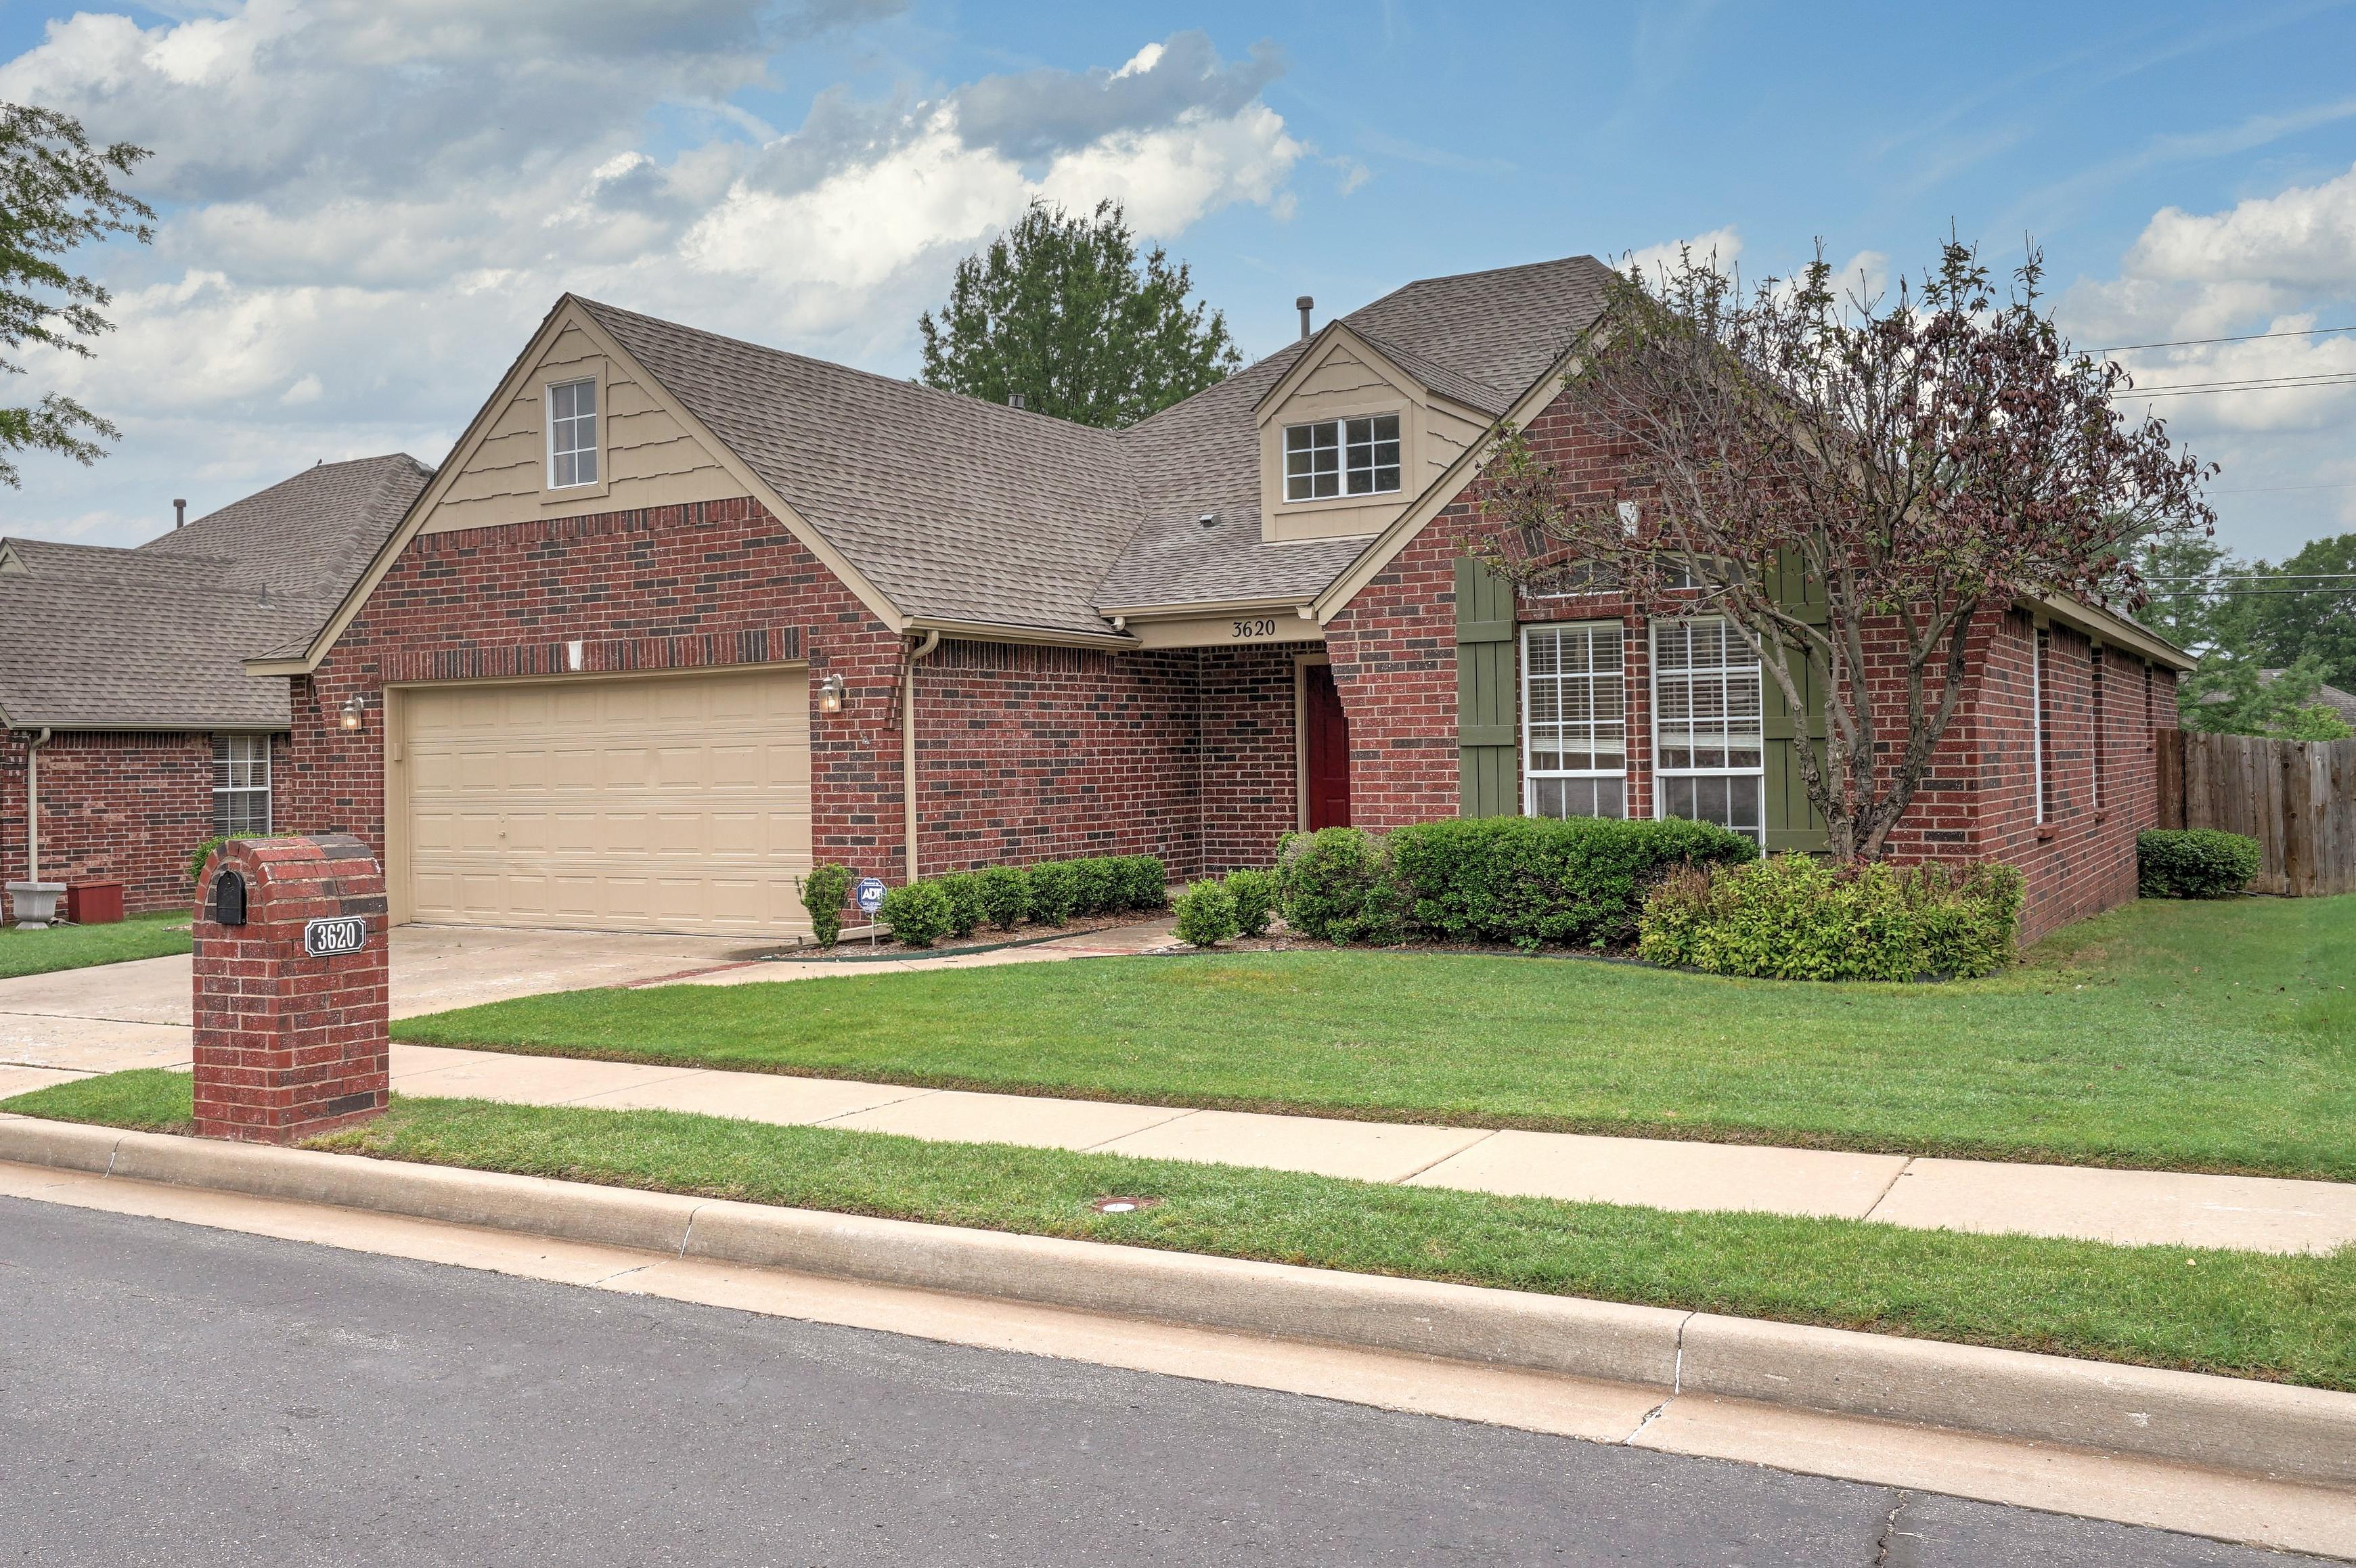 3620 N Ironwood Place Property Photo 1